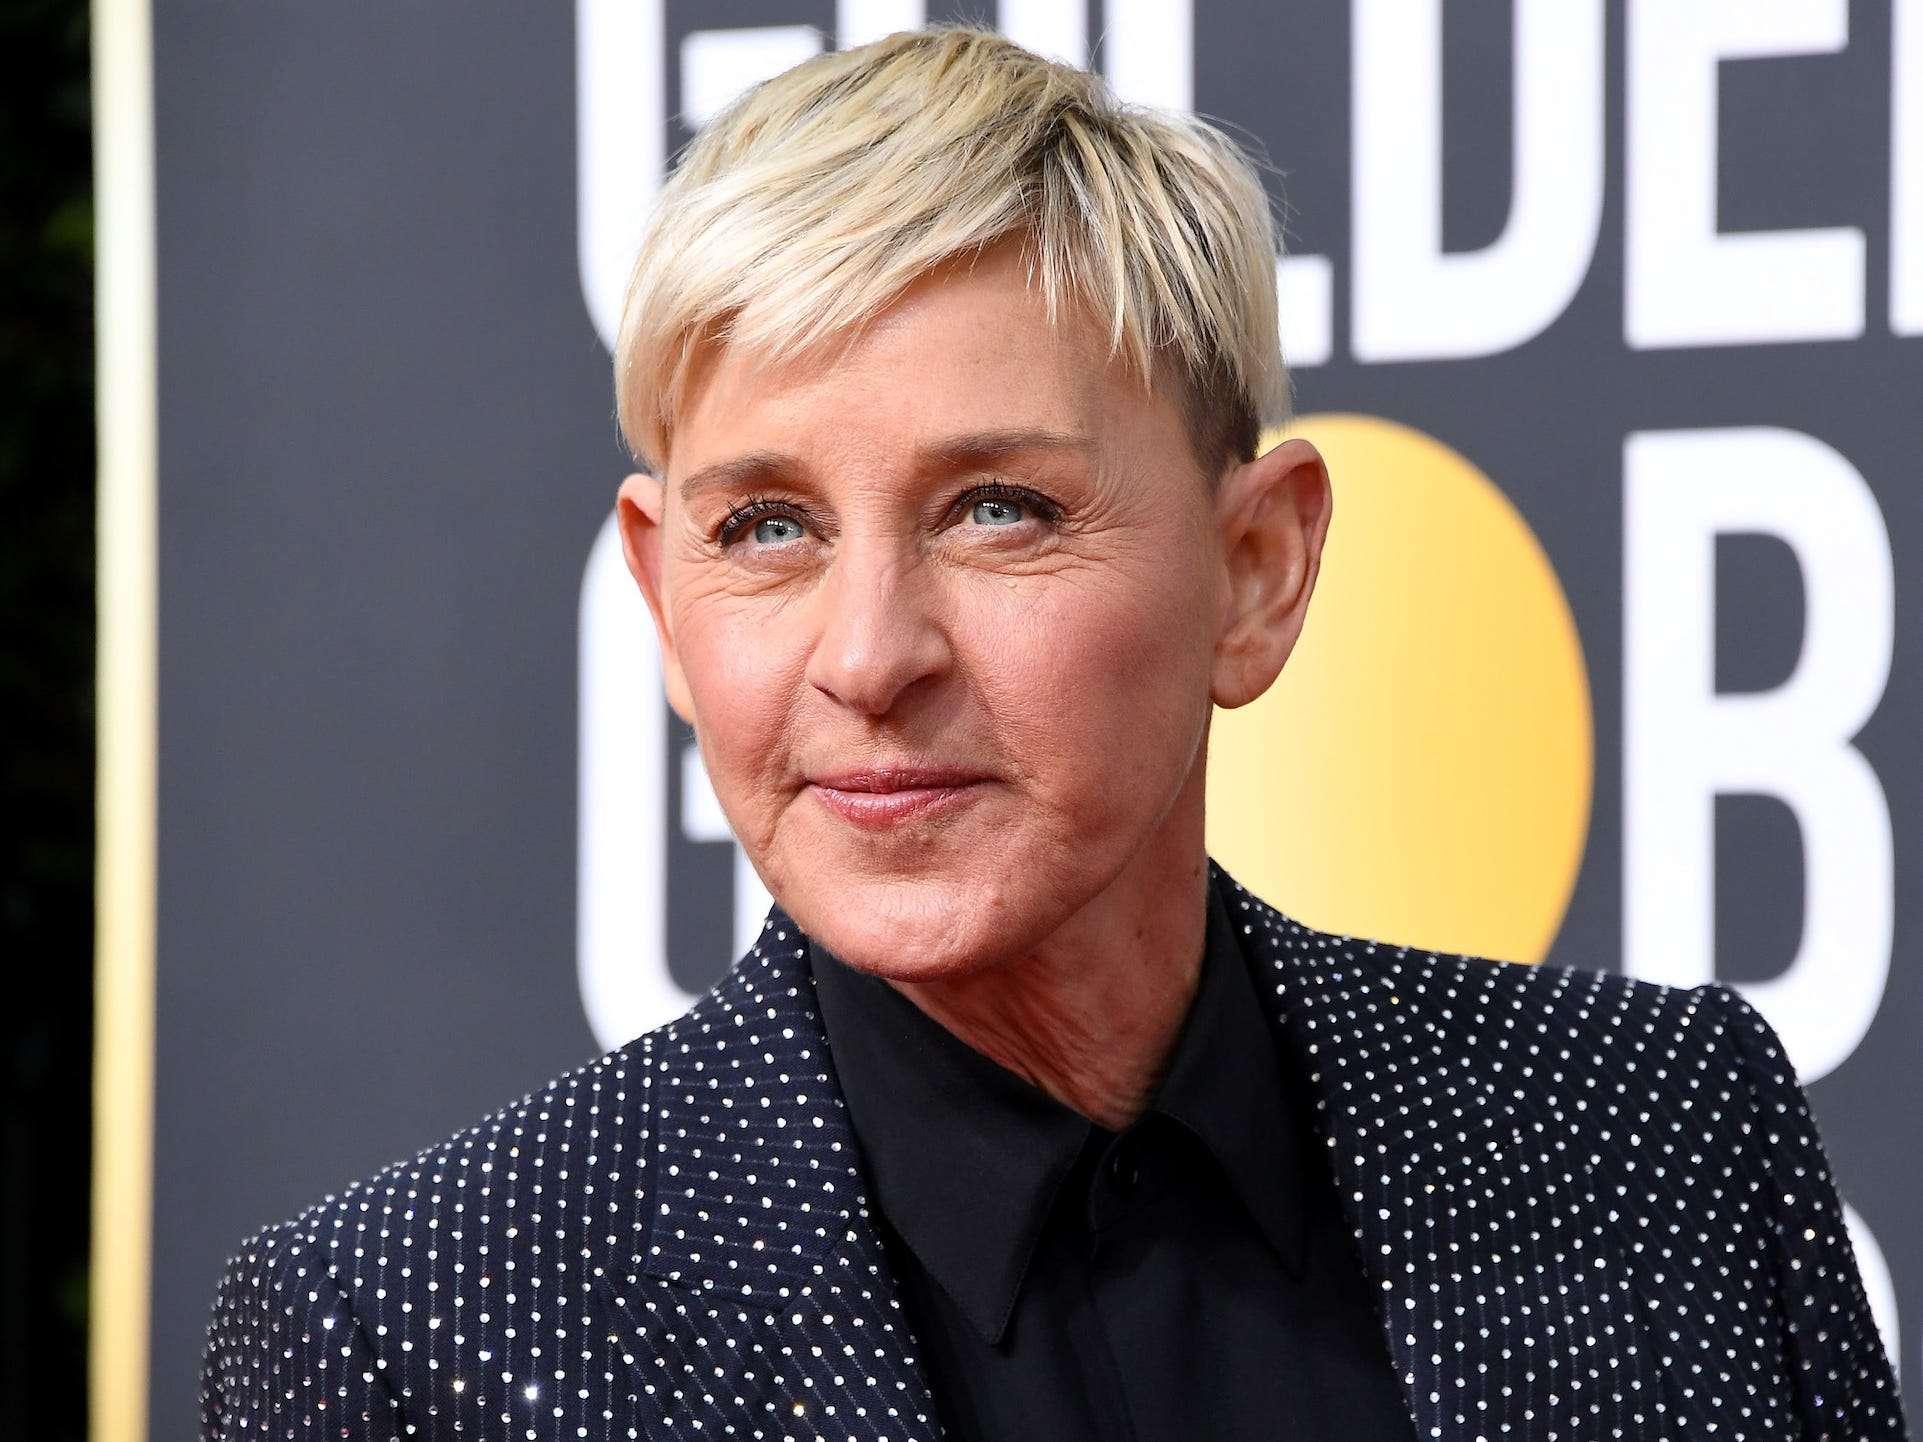 Ellen degeneres blow job, pretty girl in the world